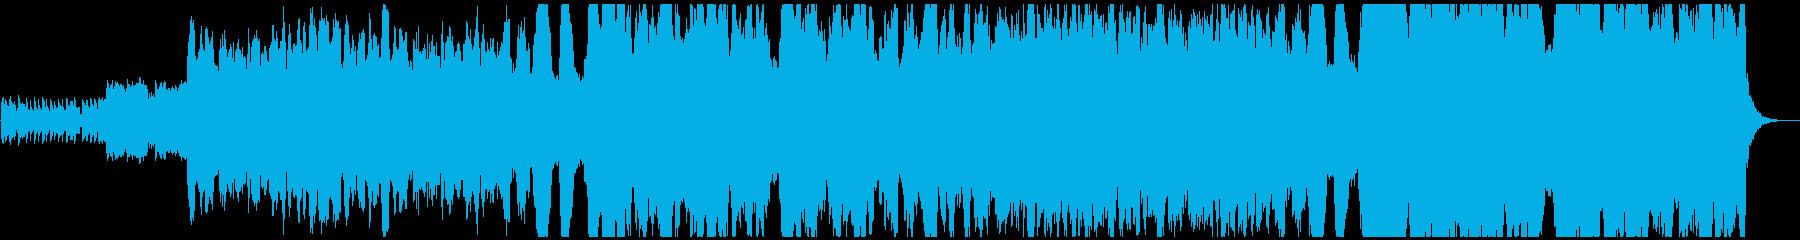 スコットランド民謡グリーンスリーブスの再生済みの波形